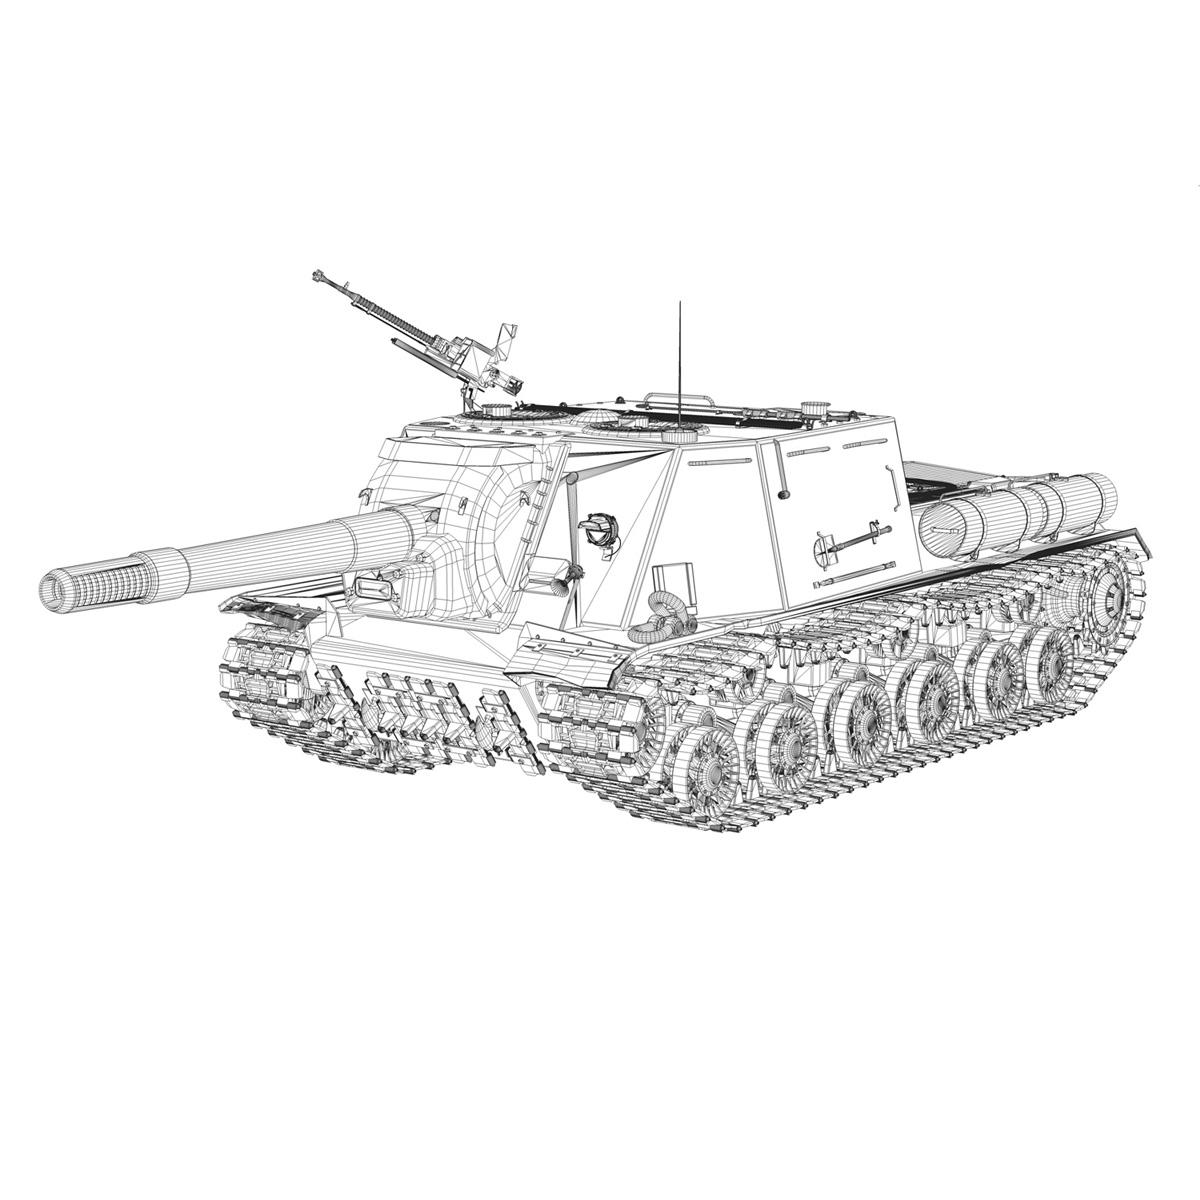 isu 152 soviet heavy self propelled gun v2 3d model 3ds fbx c4d lwo obj 188883